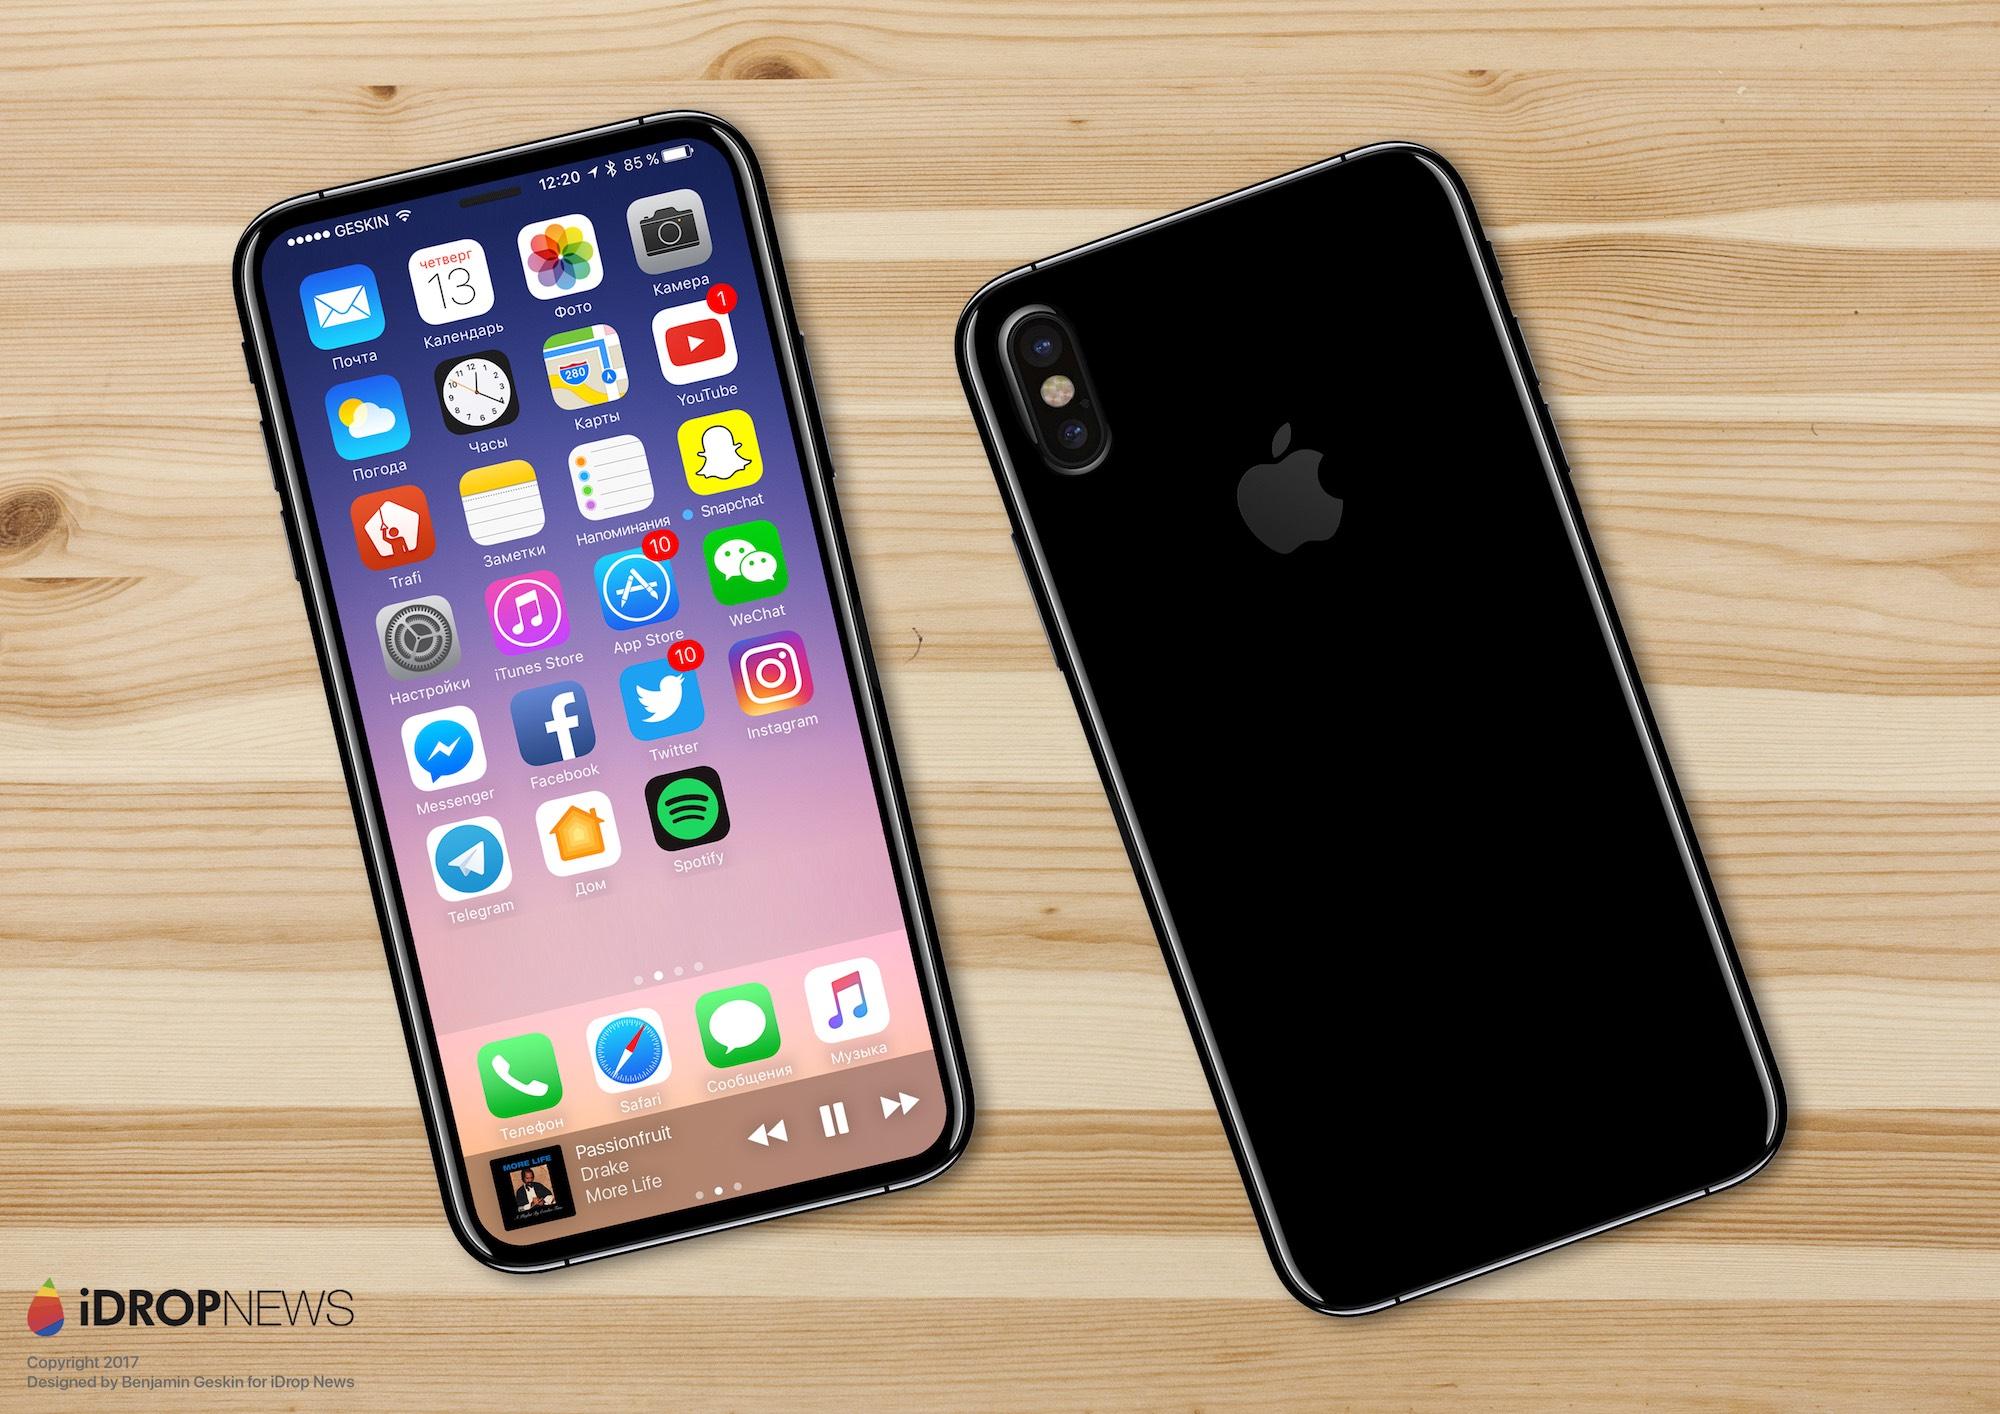 [루머] iPhone 8 컨셉 이미지 – 라운드 베젤 디자인